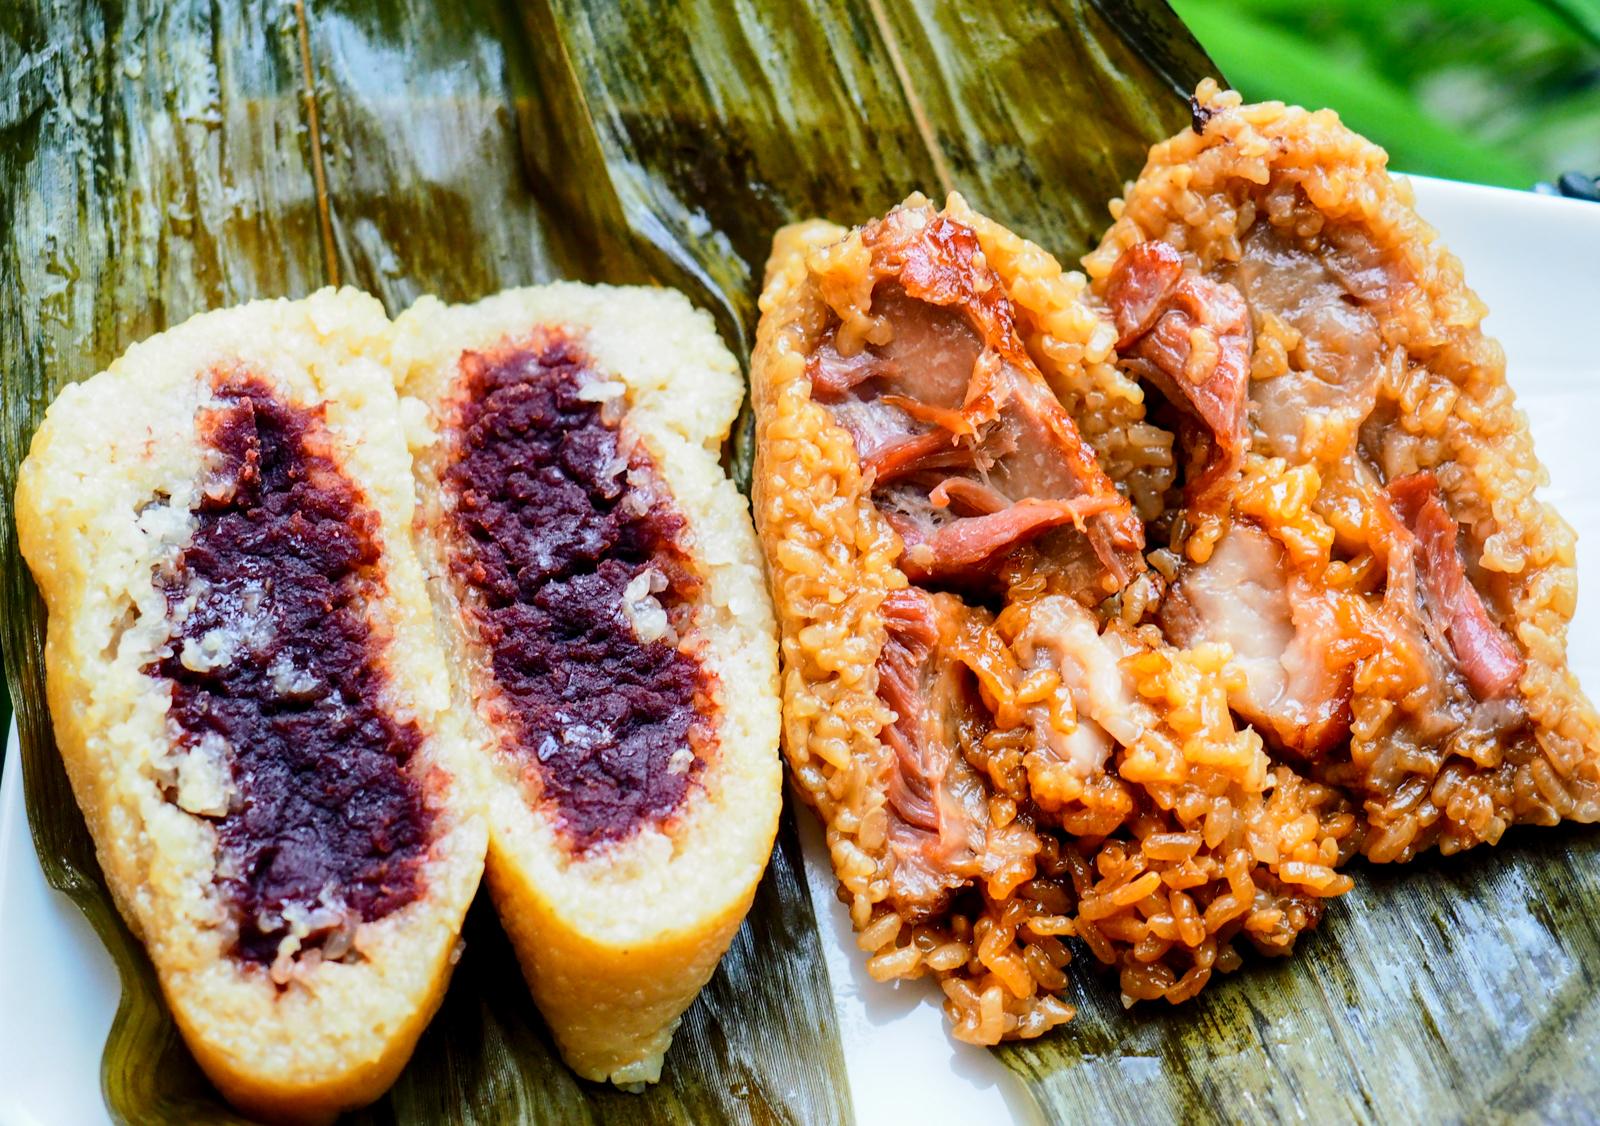 【台北肉粽推薦】隱藏在老台北市場的滋味 四喜食品行湖州粽 豆沙粽排骨粽一絕!